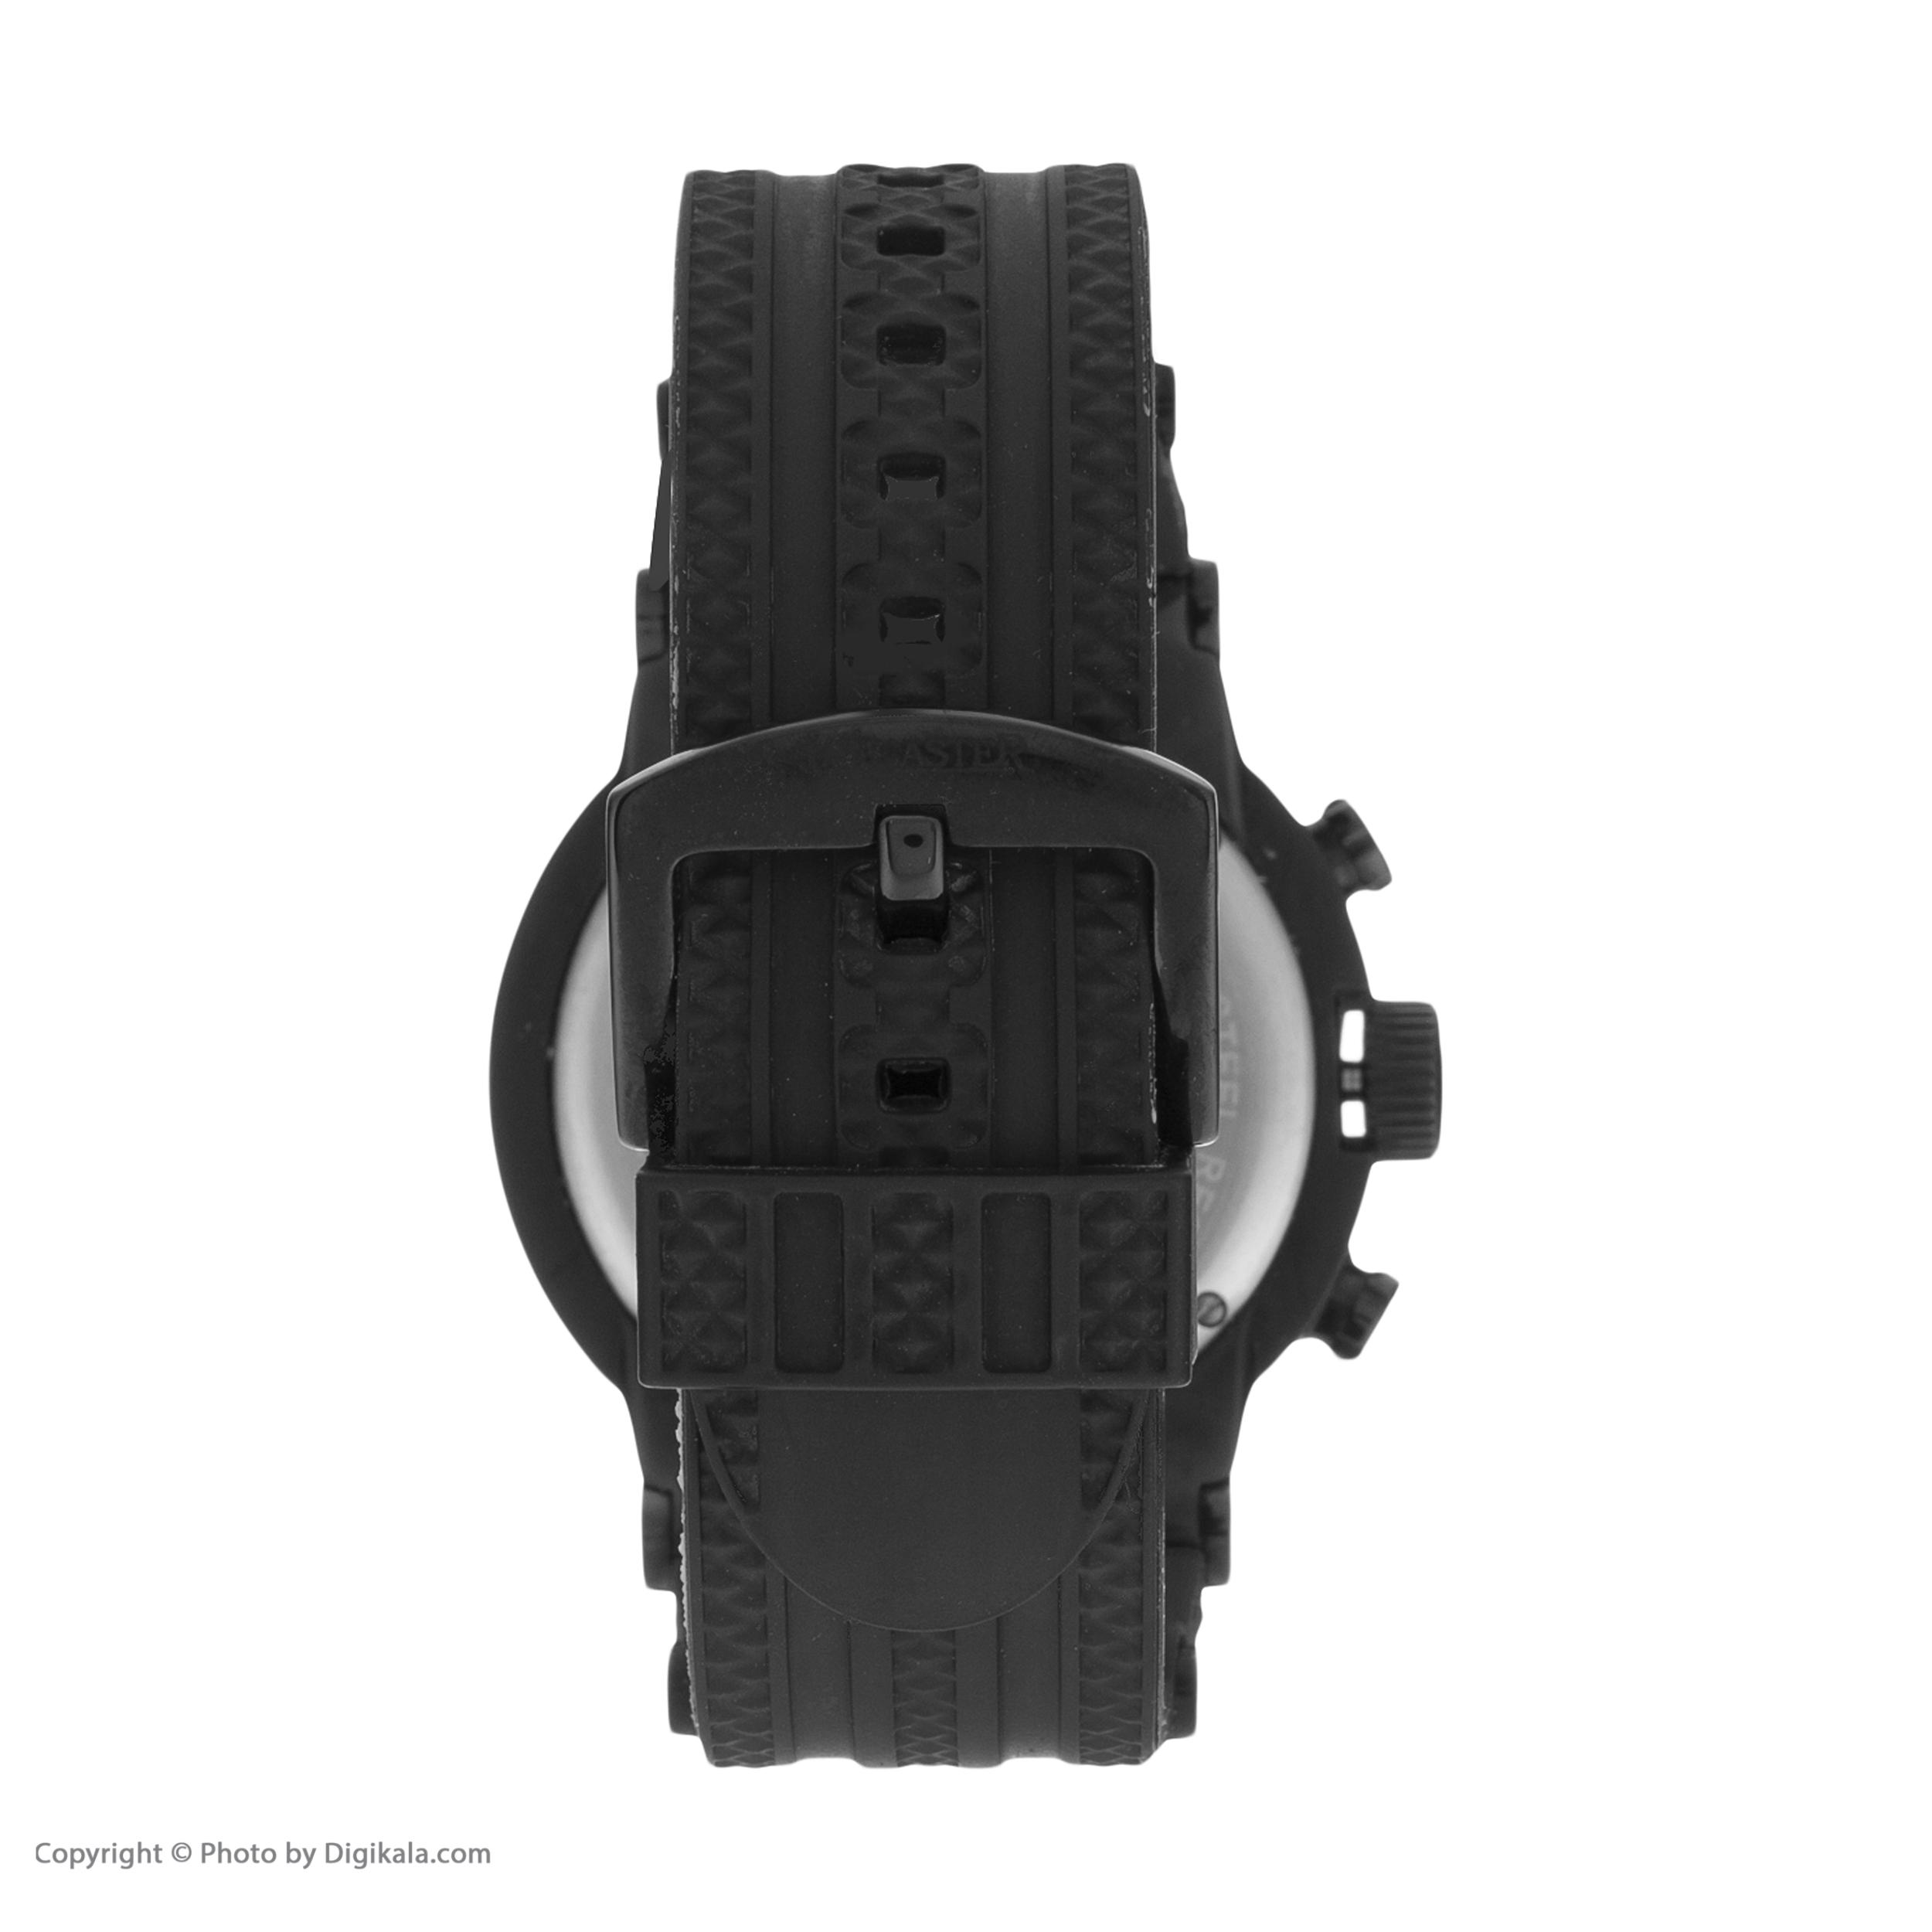 ساعت مچی عقربه ای مردانه لنکستر مدل 548BKNRBLNR کد 15